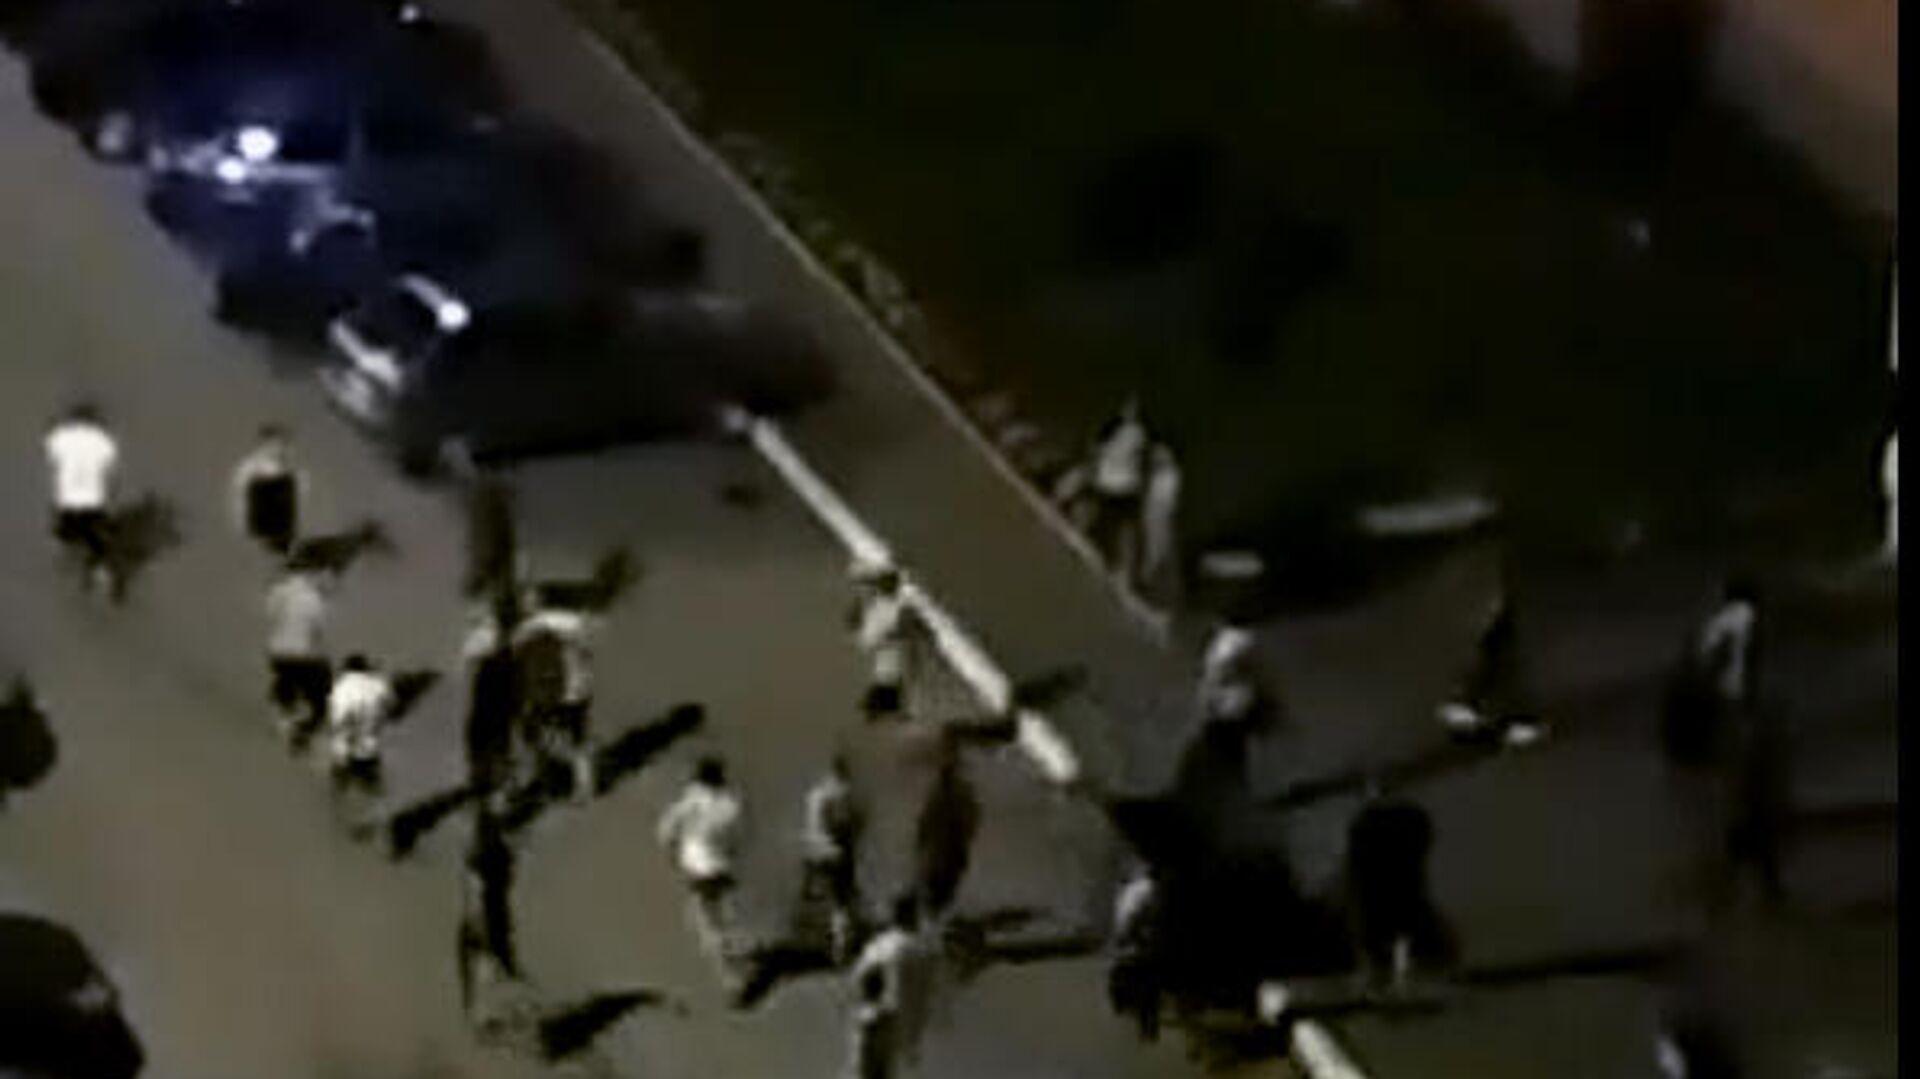 В Твери произошла массовая драка, есть пострадавшие